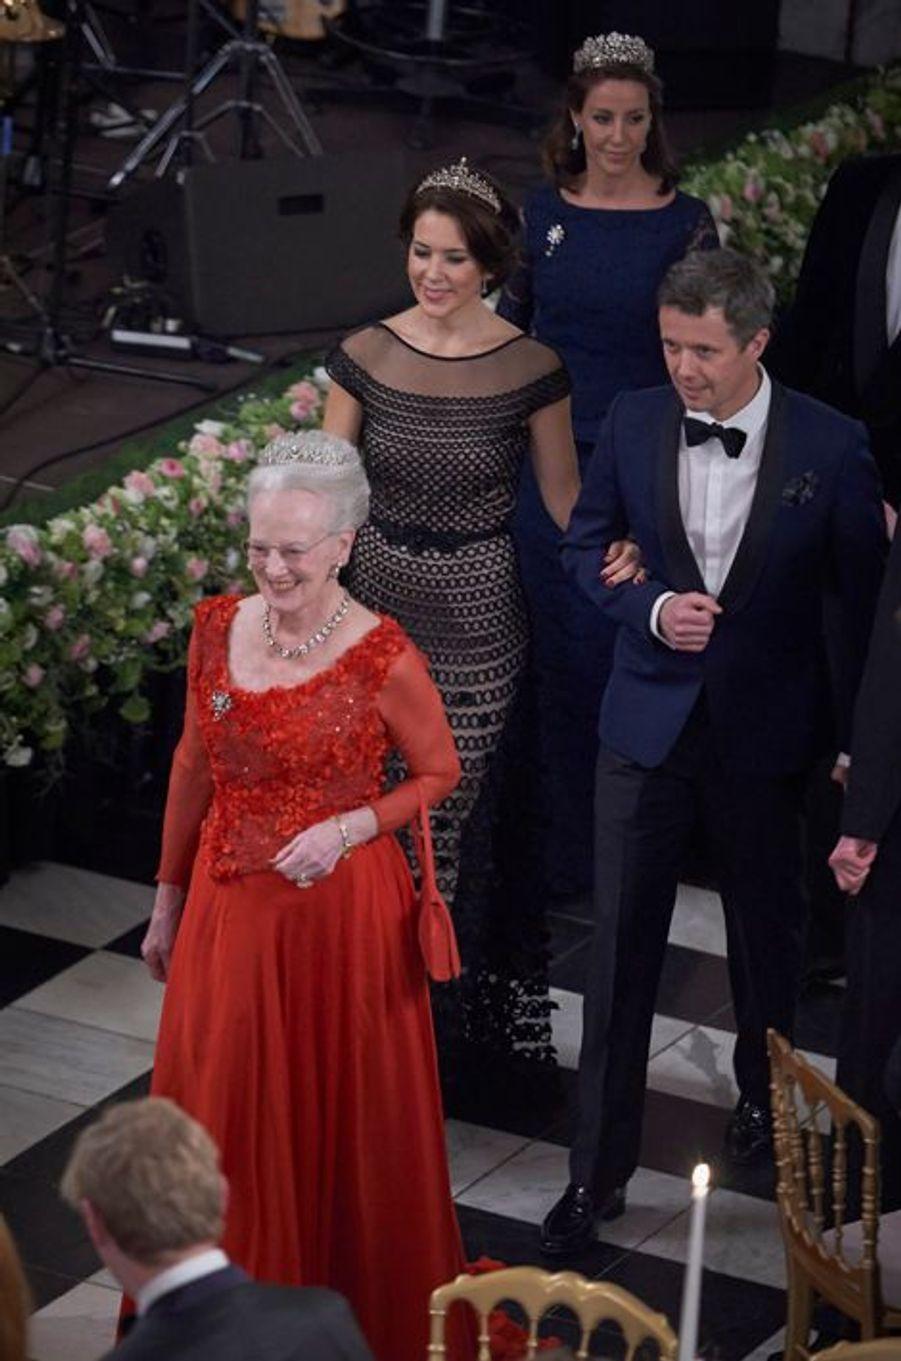 La famille royale de Danemark au château de Christiansborg à Copenhague, le 15 mars 2016